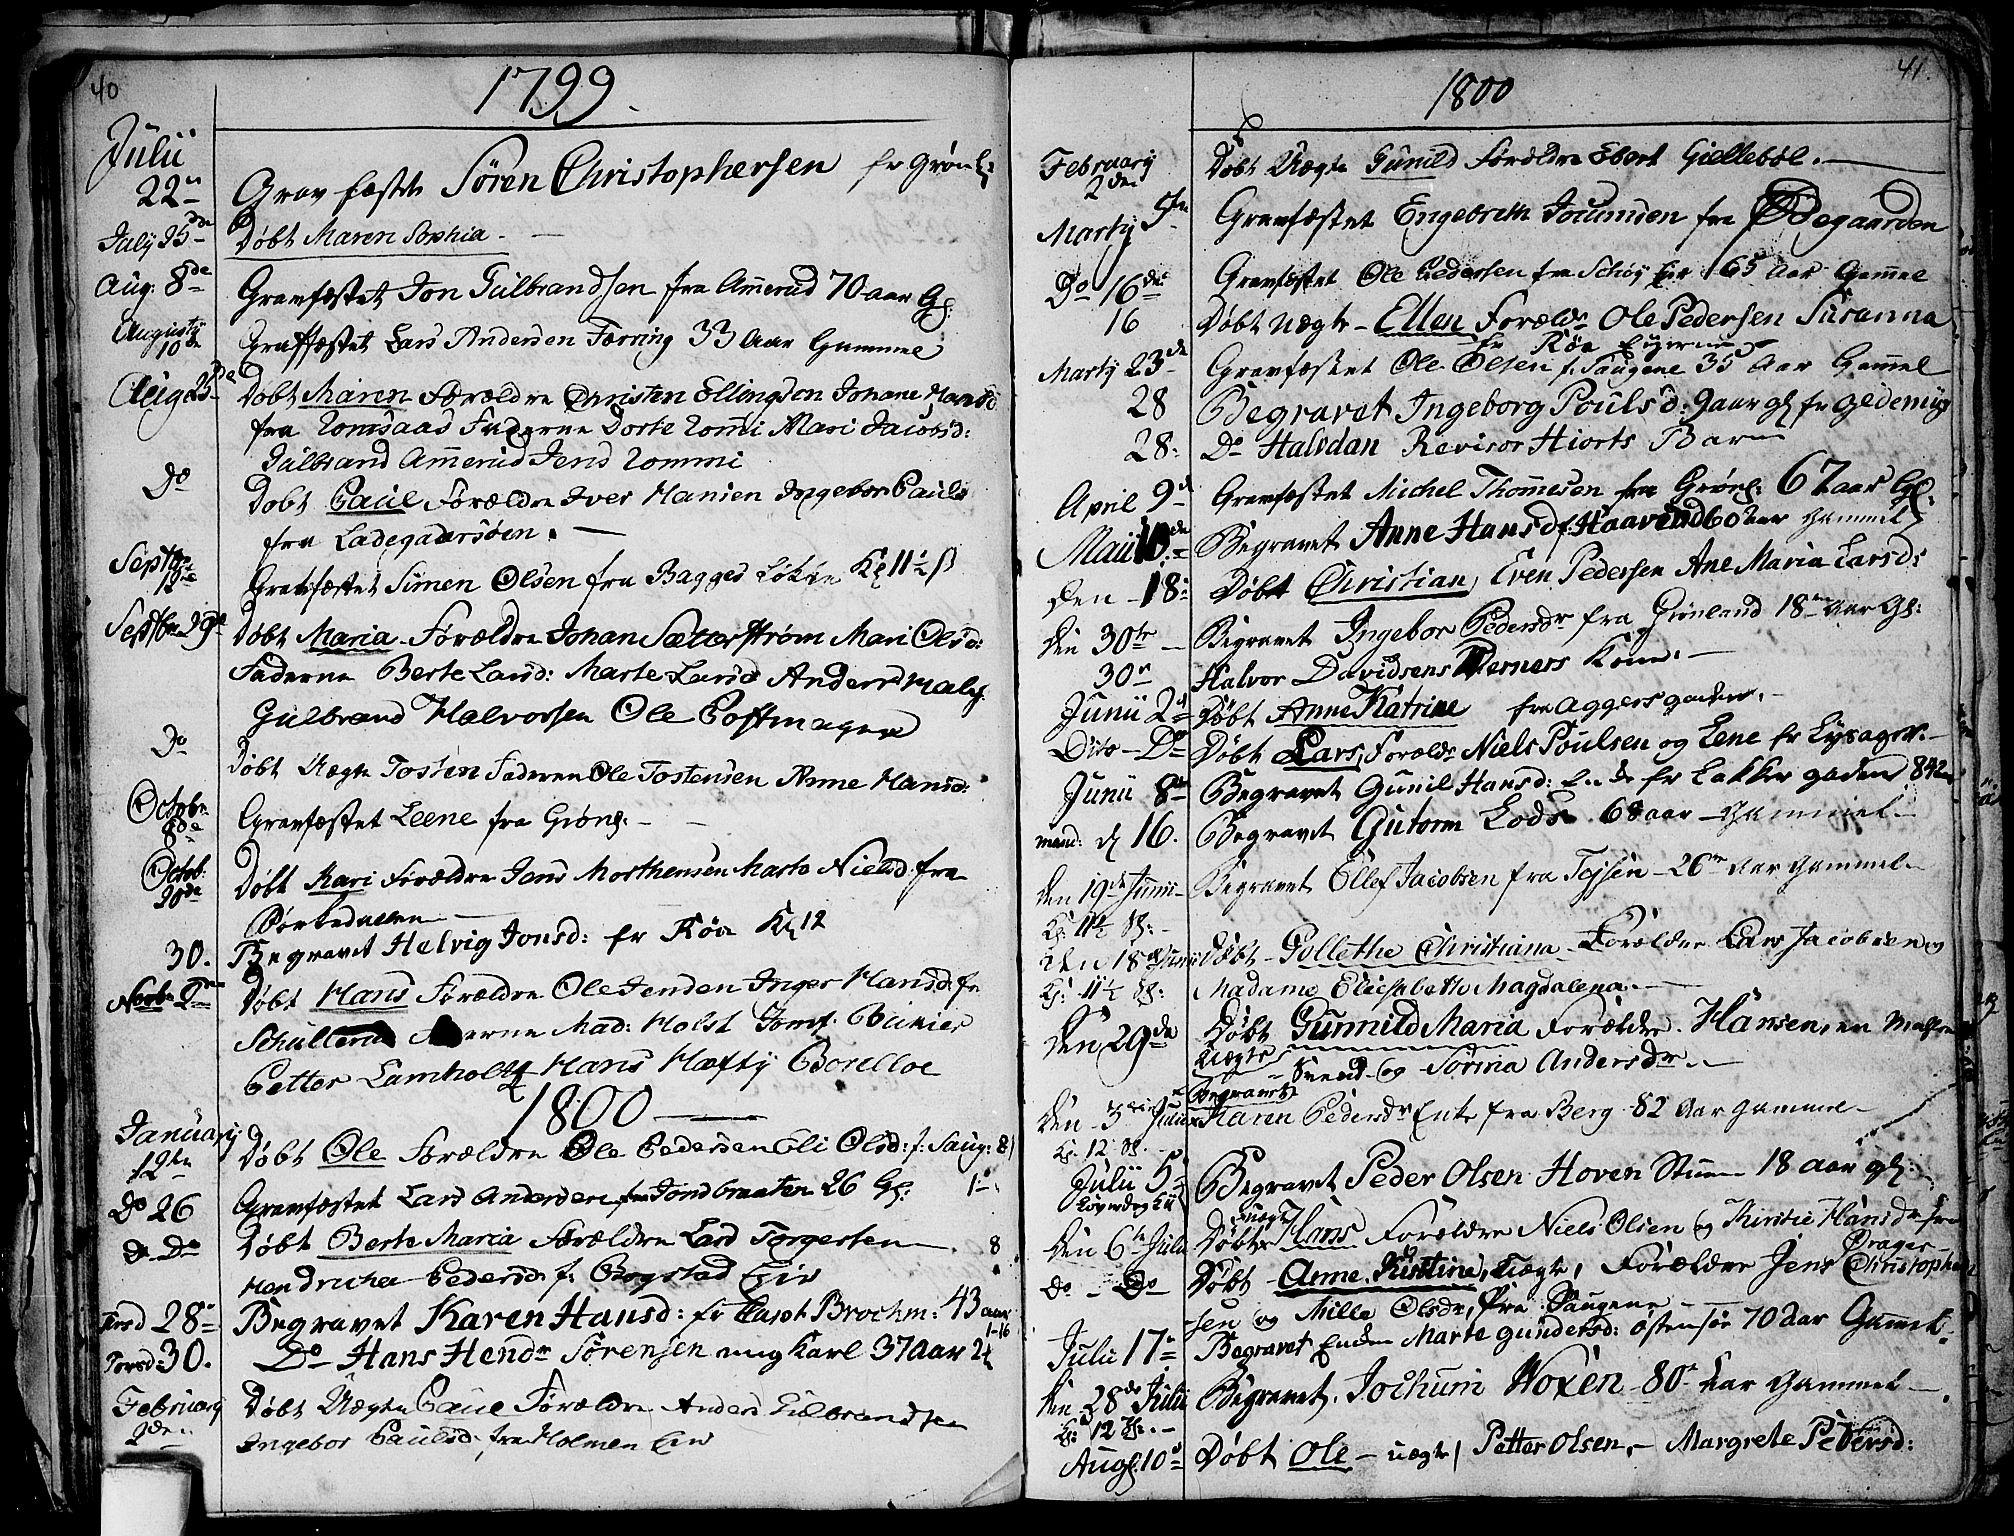 SAO, Aker prestekontor kirkebøker, G/L0001: Klokkerbok nr. 1, 1796-1826, s. 40-41